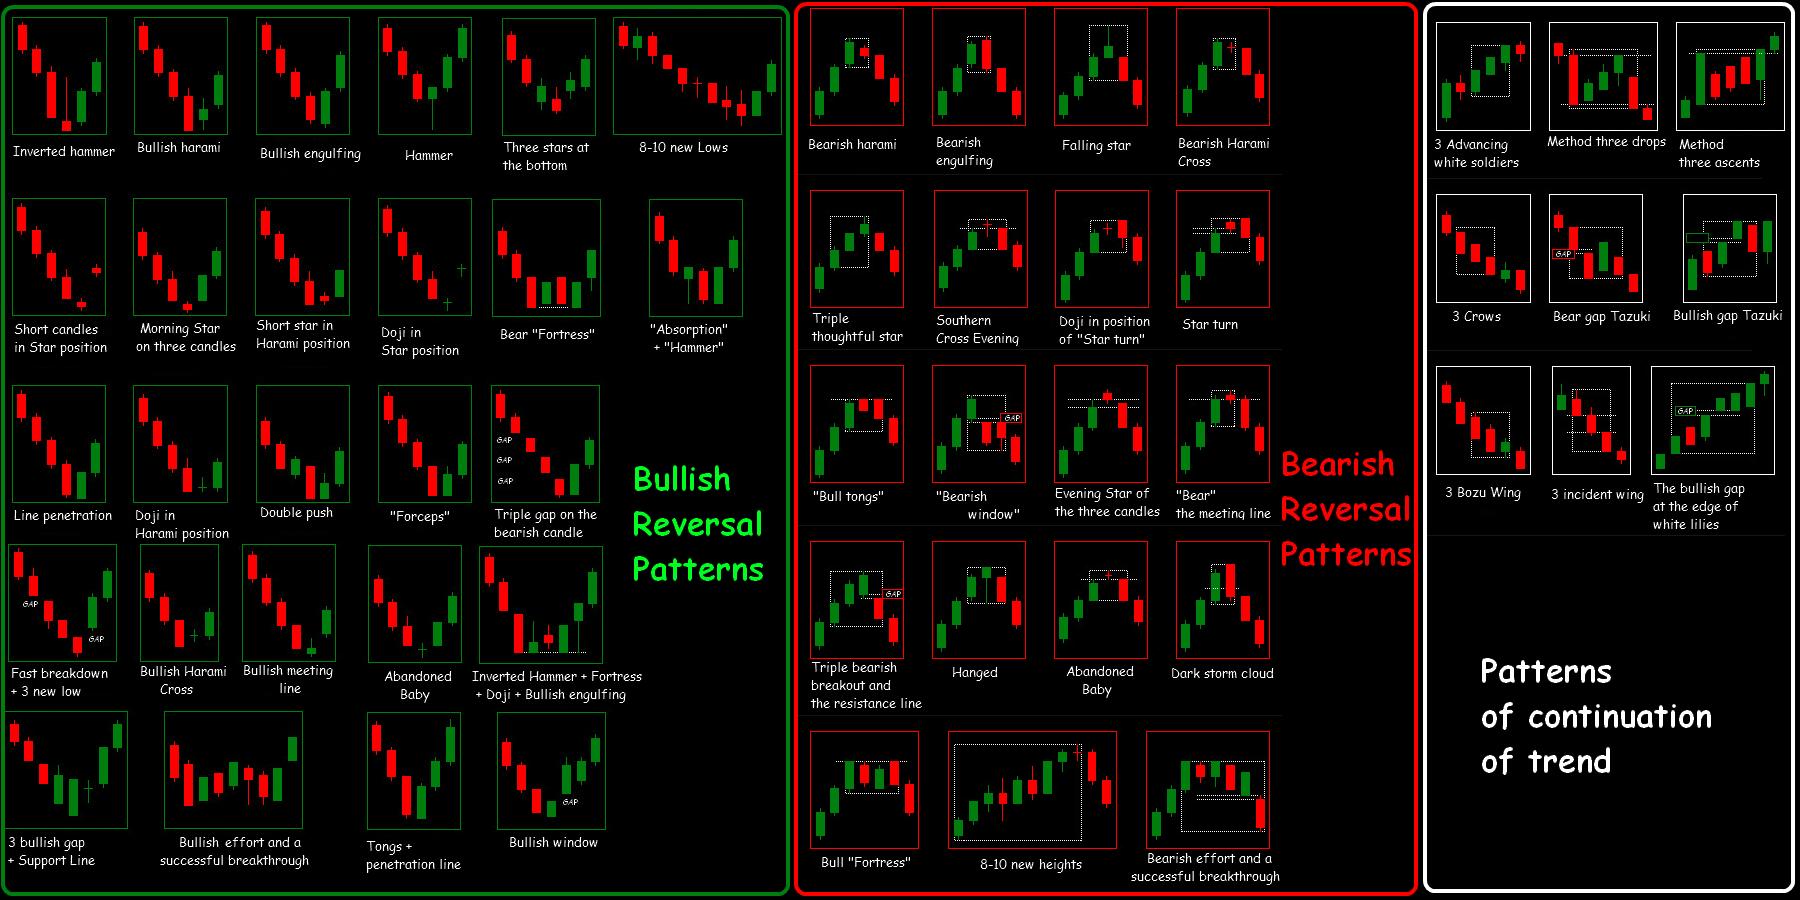 népszerű bináris opciós stratégiák olmp kereskedelem